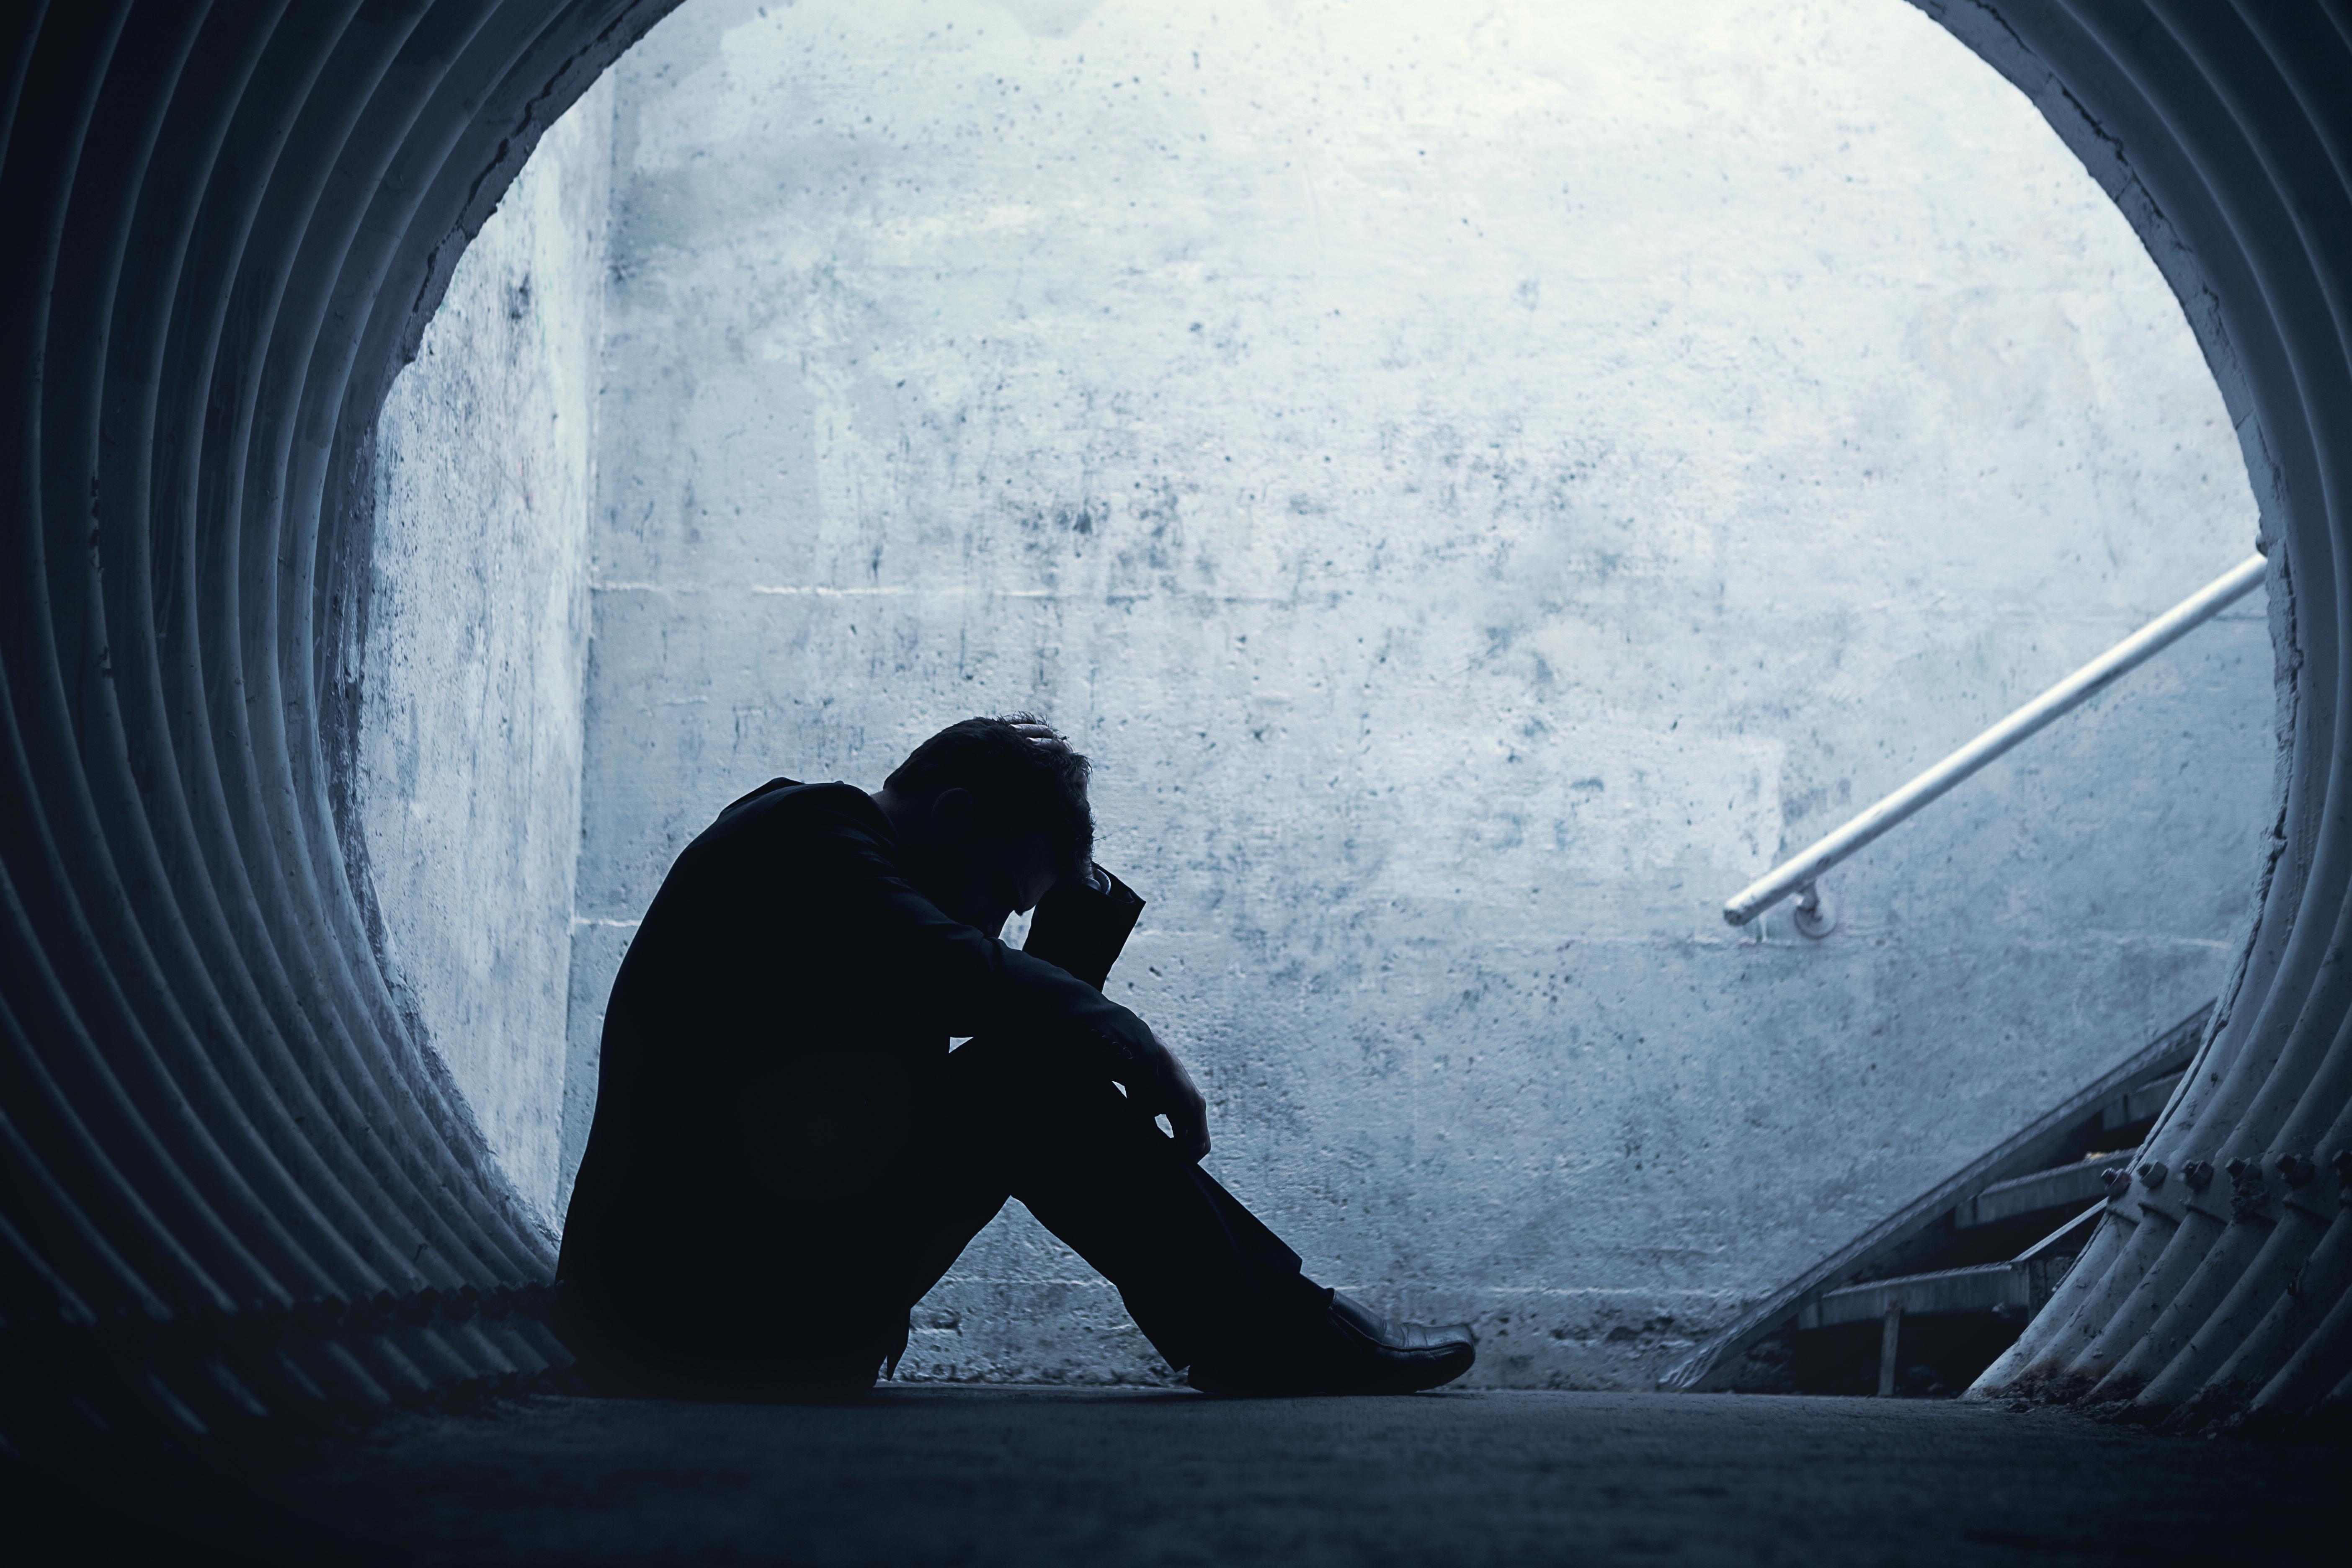 Η κατάθλιψη επιταχύνει τη γήρανση του εγκεφάλου | tovima.gr